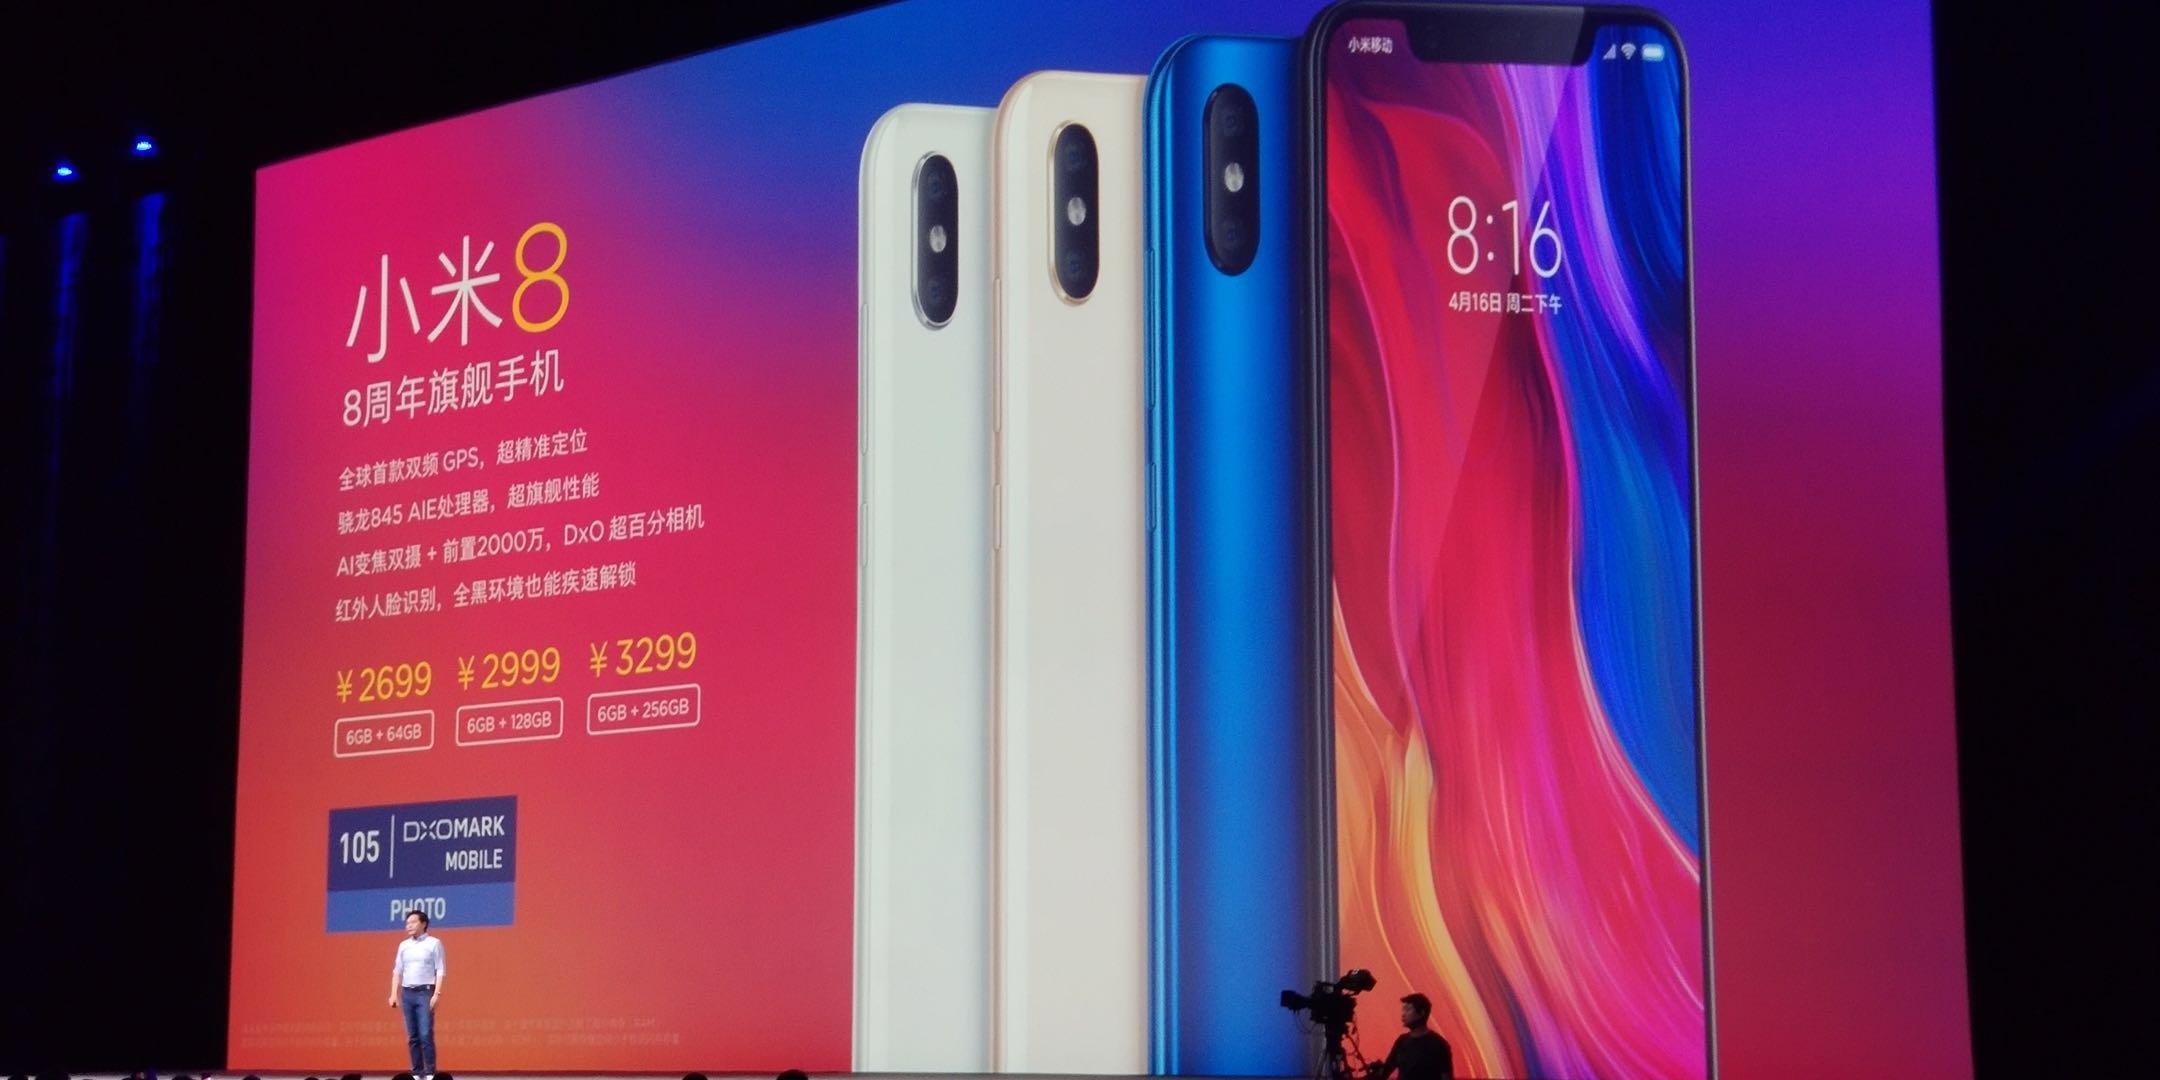 小米上市前发布8周年新机:小米8刘海屏售价2699元起的照片 - 3